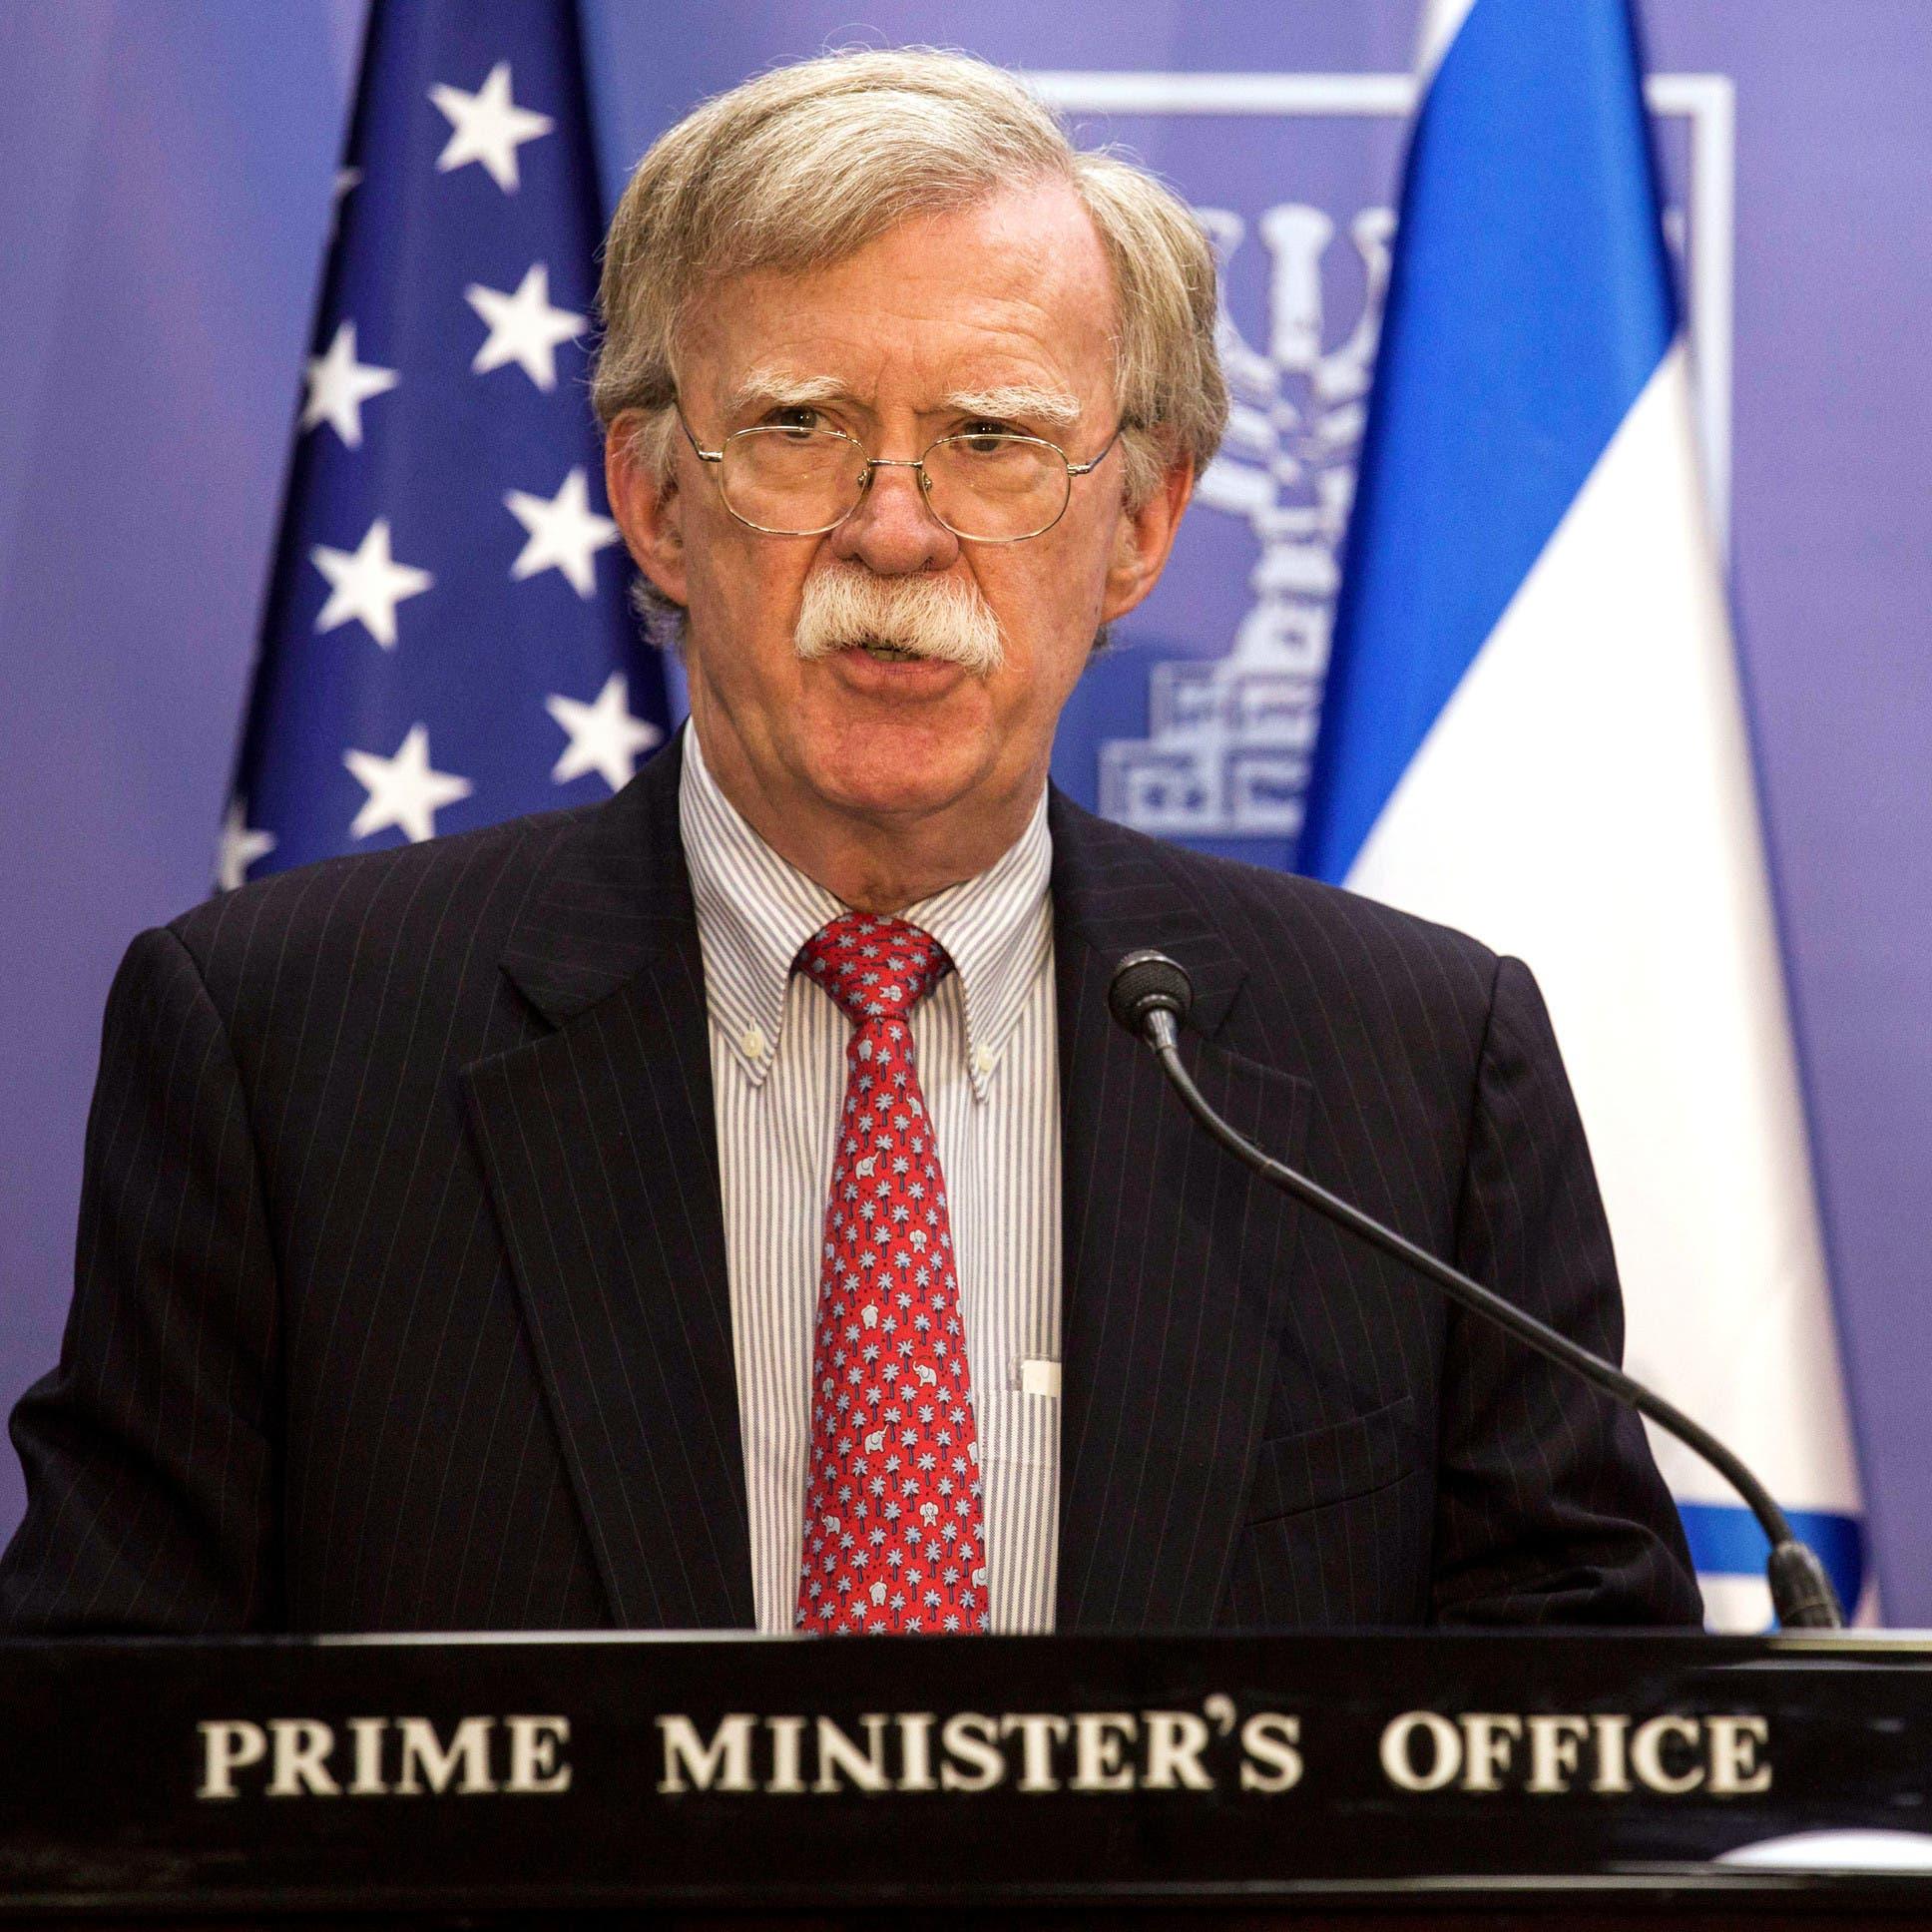 بولتون: إيران النووية تهدد أمن المنطقة.. وكل الخيارات مطروحة